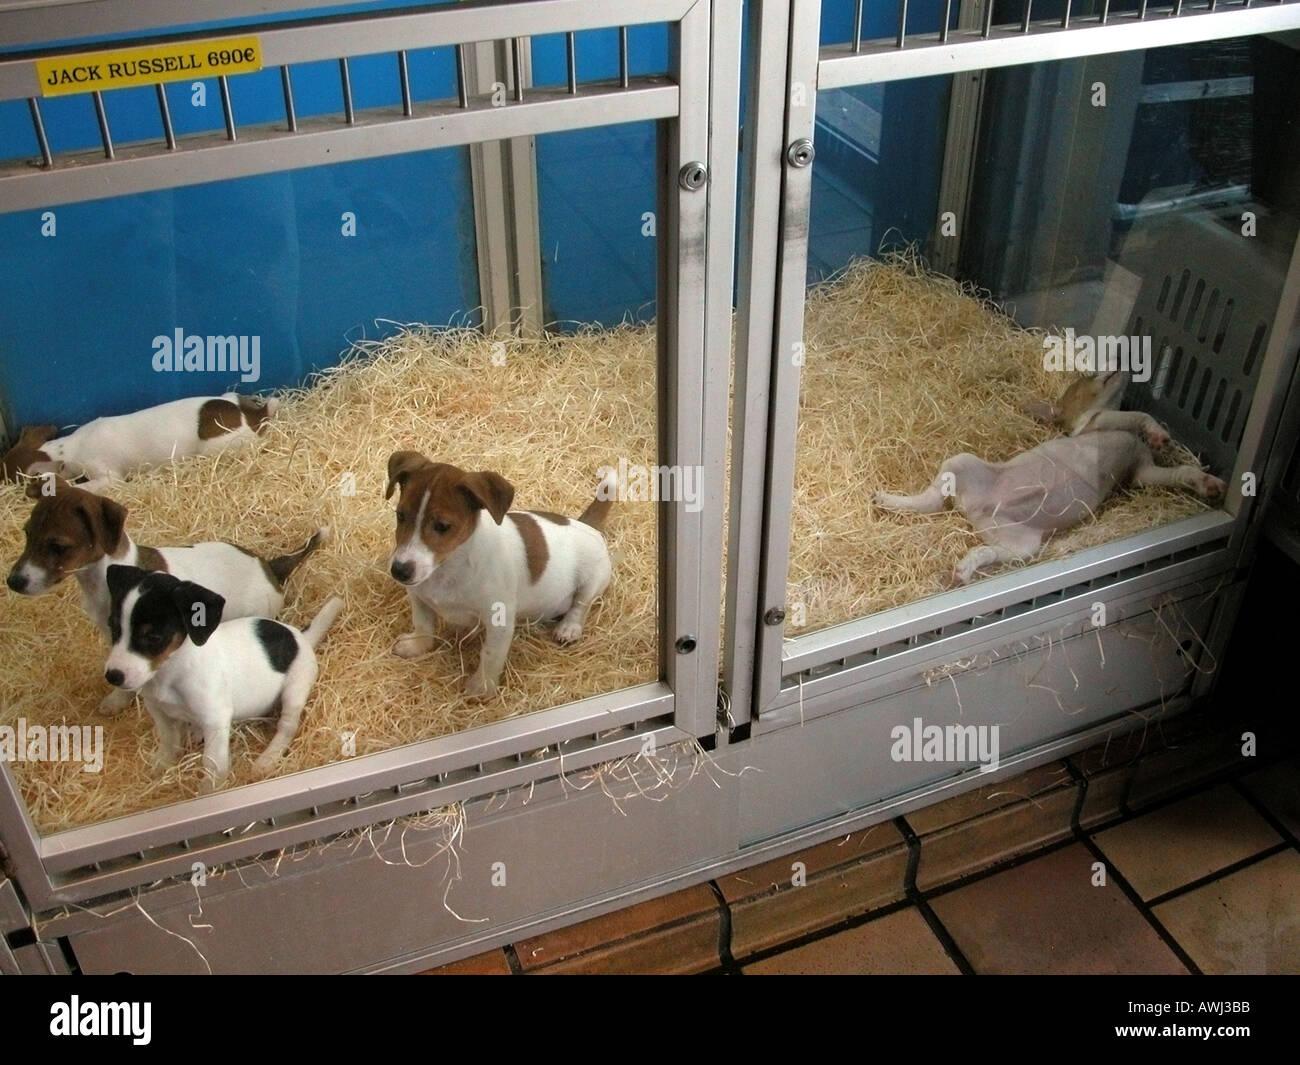 France Paris Pet Shop With Puppies For Sale Quai Des Megisseries